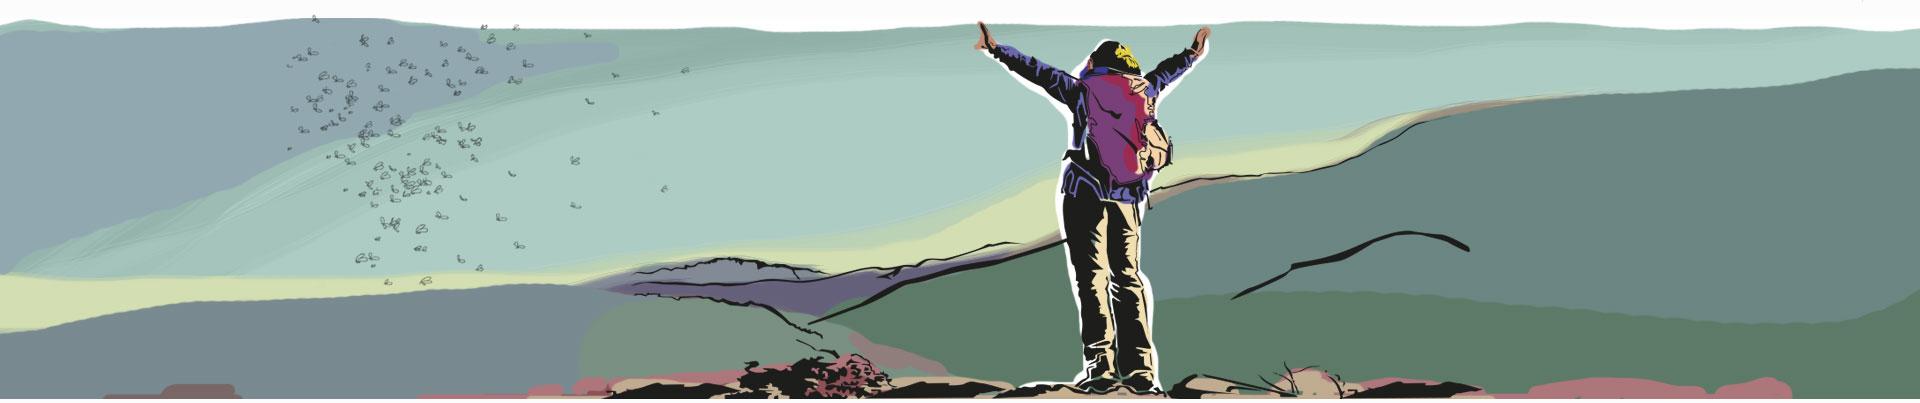 Homem faz caminhada pela montanha livre de mosquitos